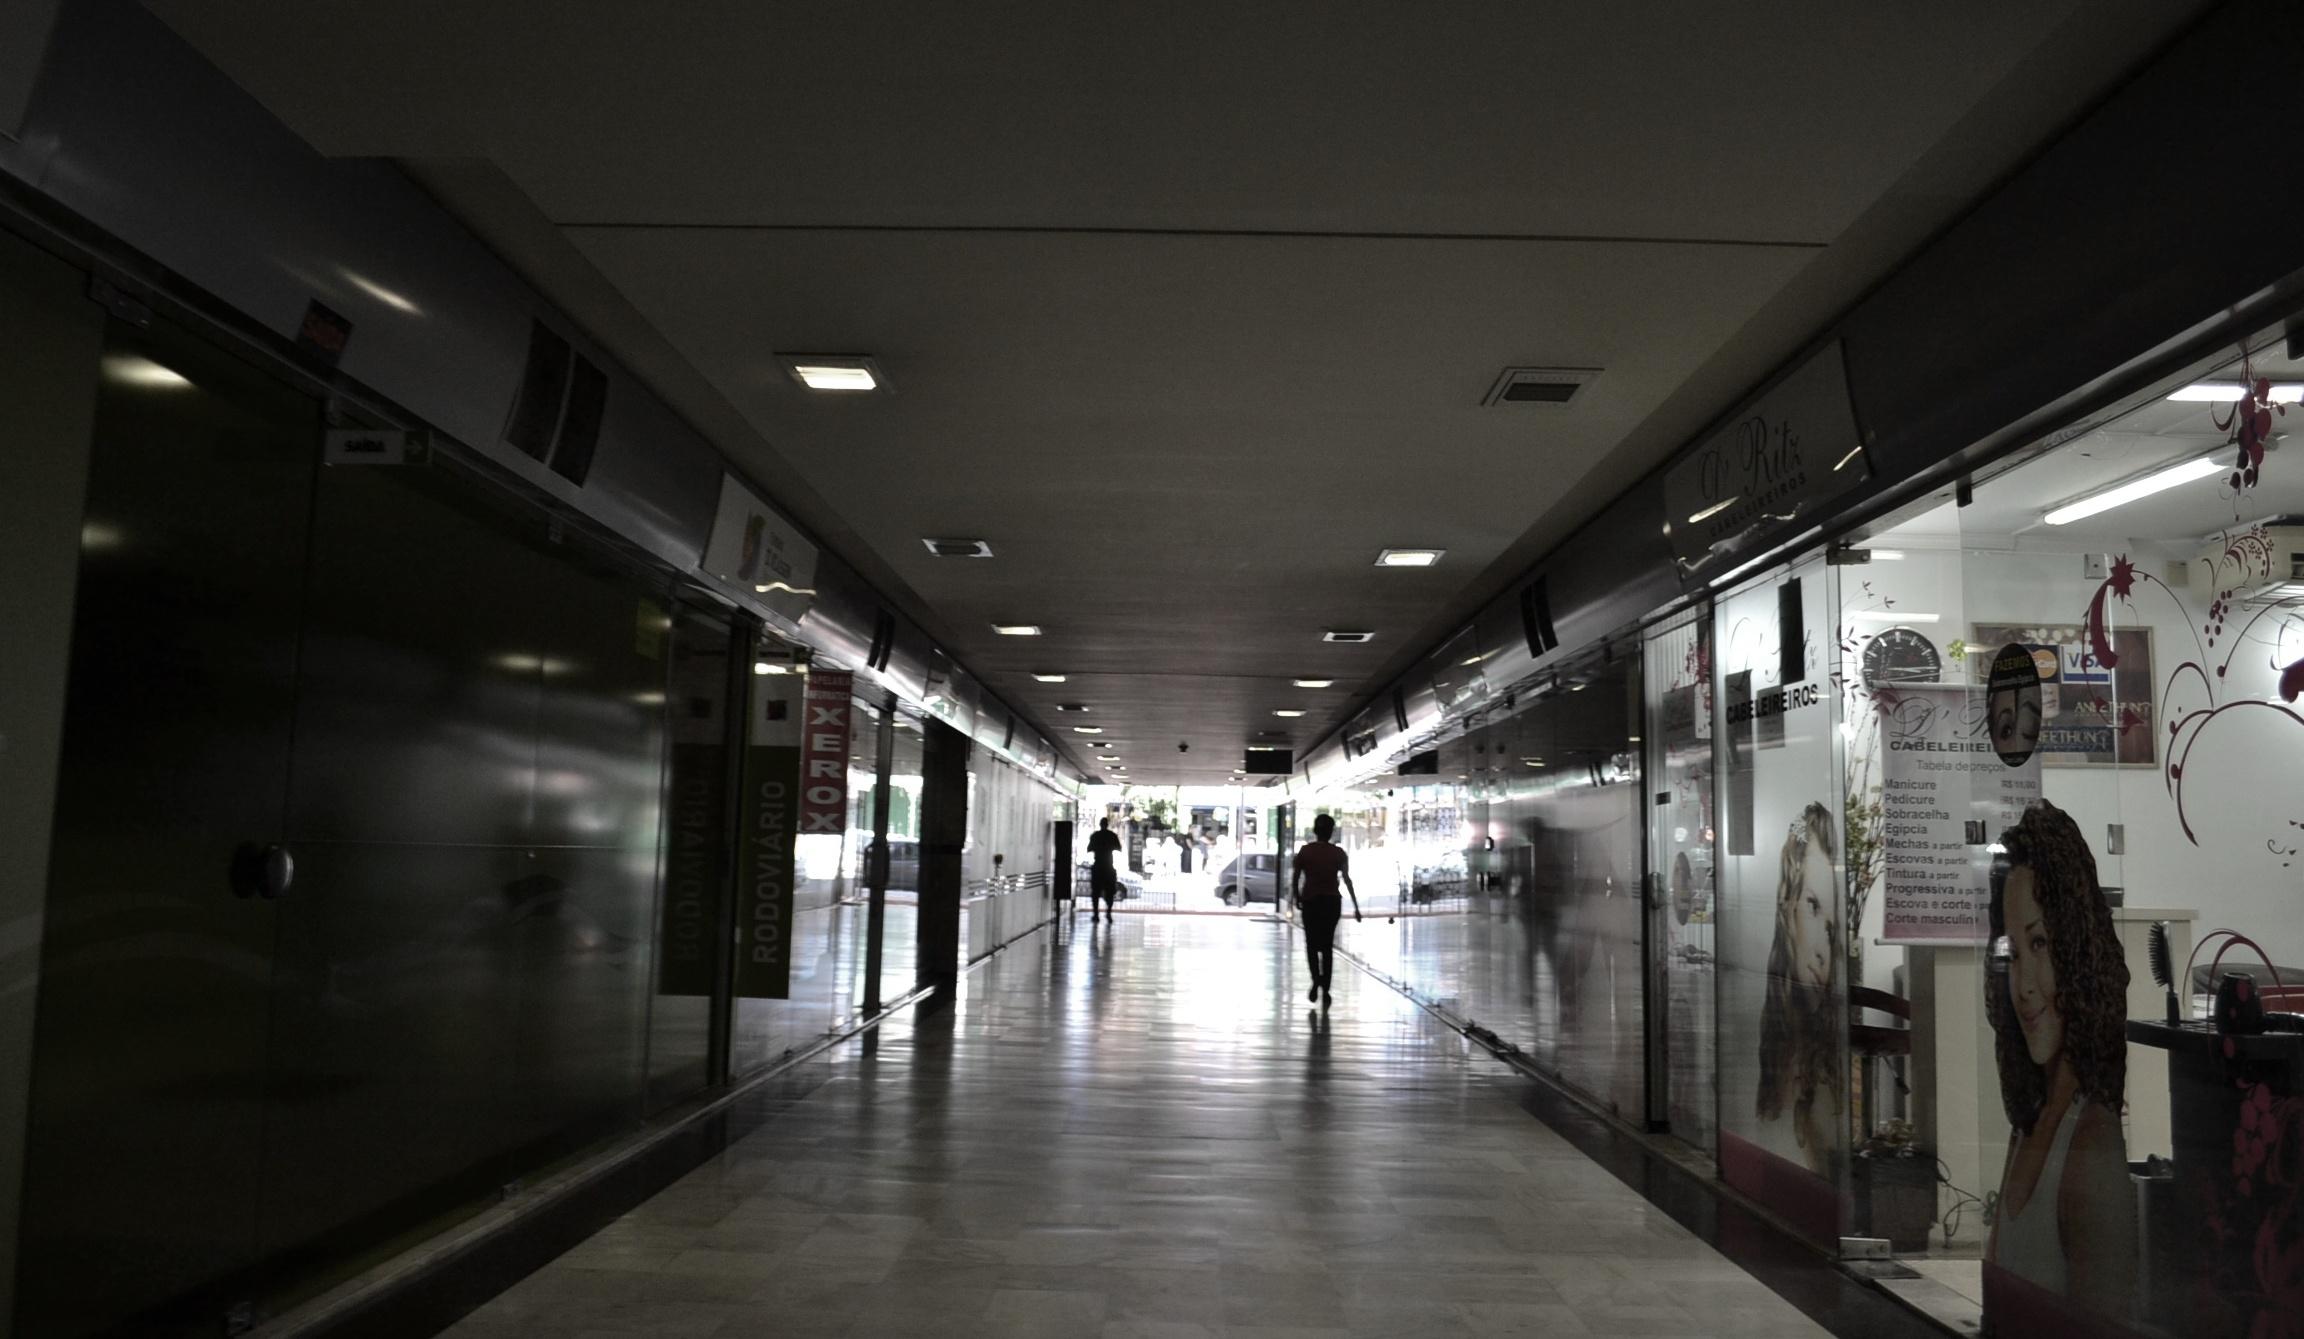 Galeria Ritz, que liga a Av. Mal. Deodoro ao calçadão da Rua XV: caminho de Leminski para as aulas de artes marciais